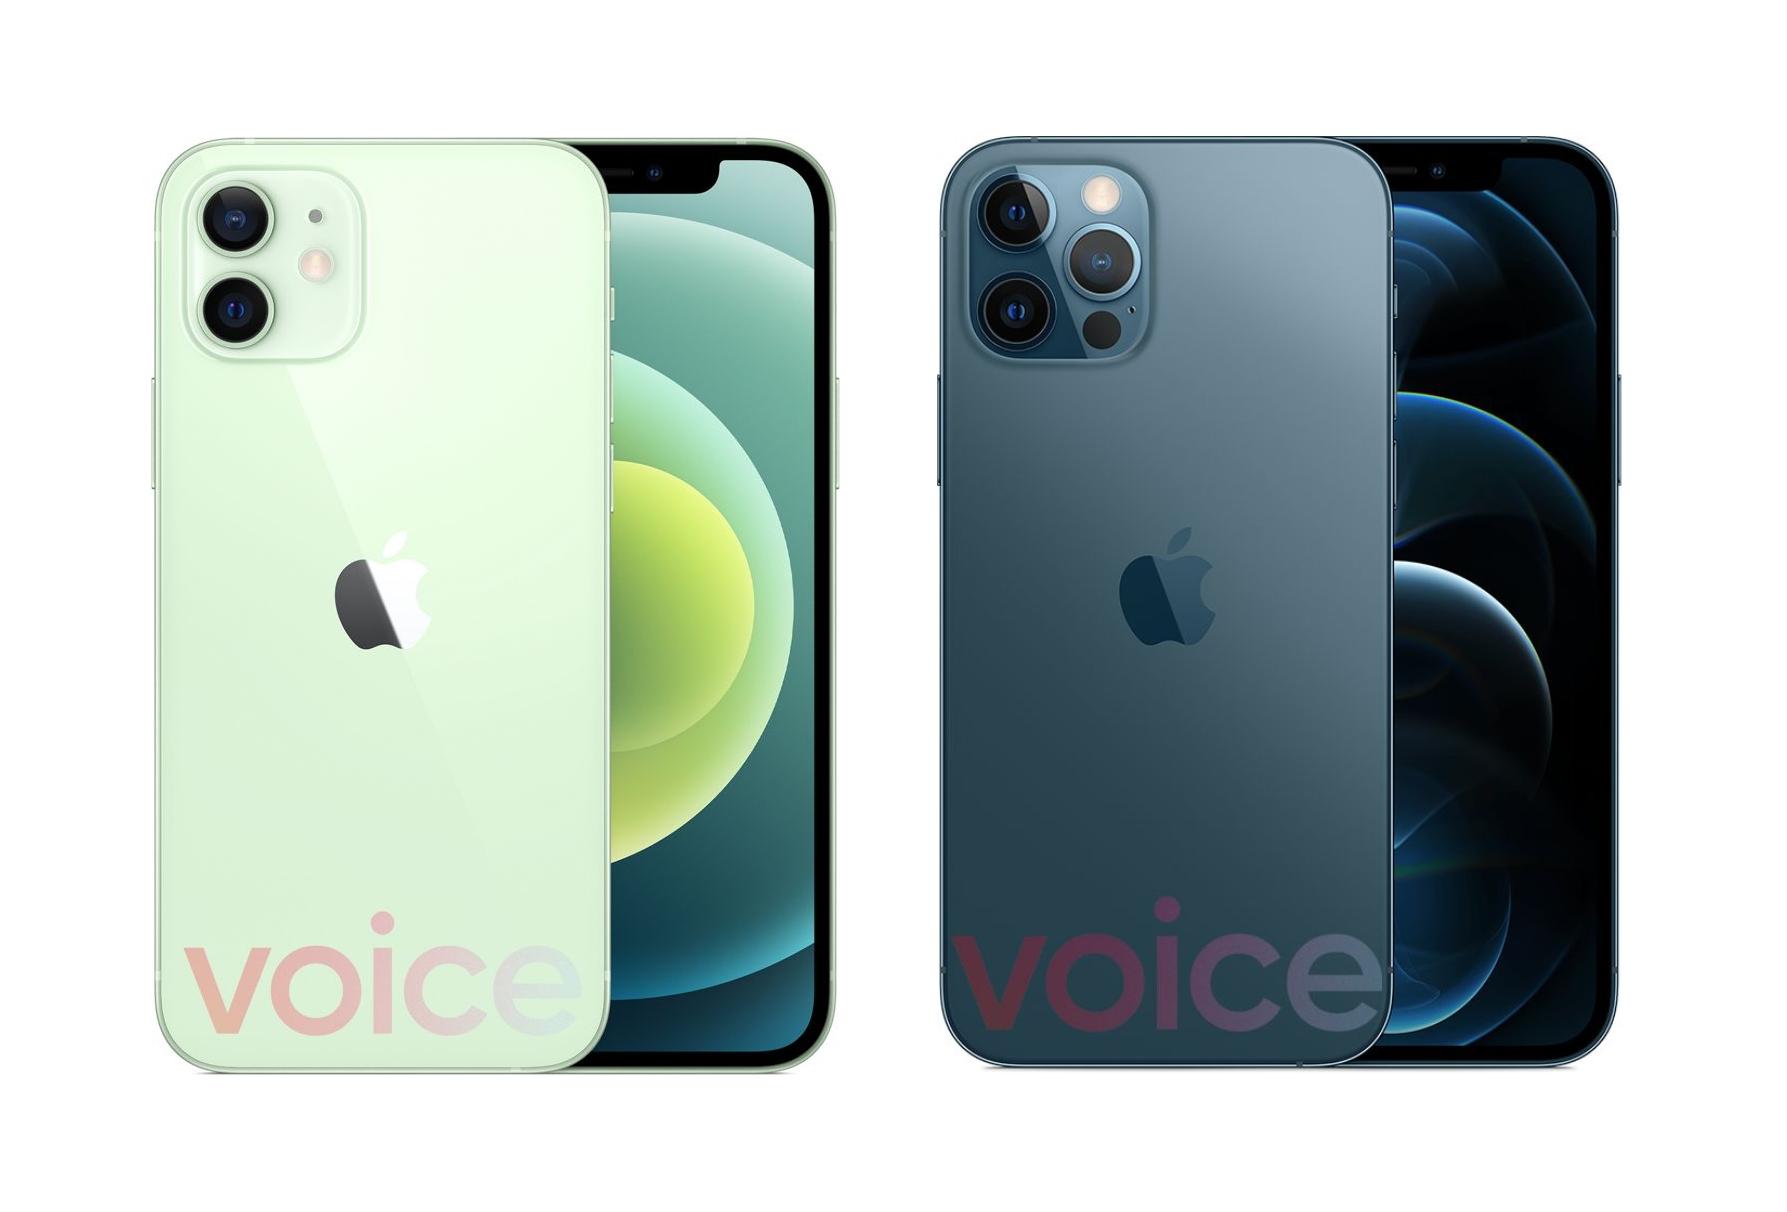 За несколько часов до анонса: в сеть утекли официальные рендеры iPhone 12 mini, iPhone 12, iPhone 12 Pro и iPhone 12 Pro Max